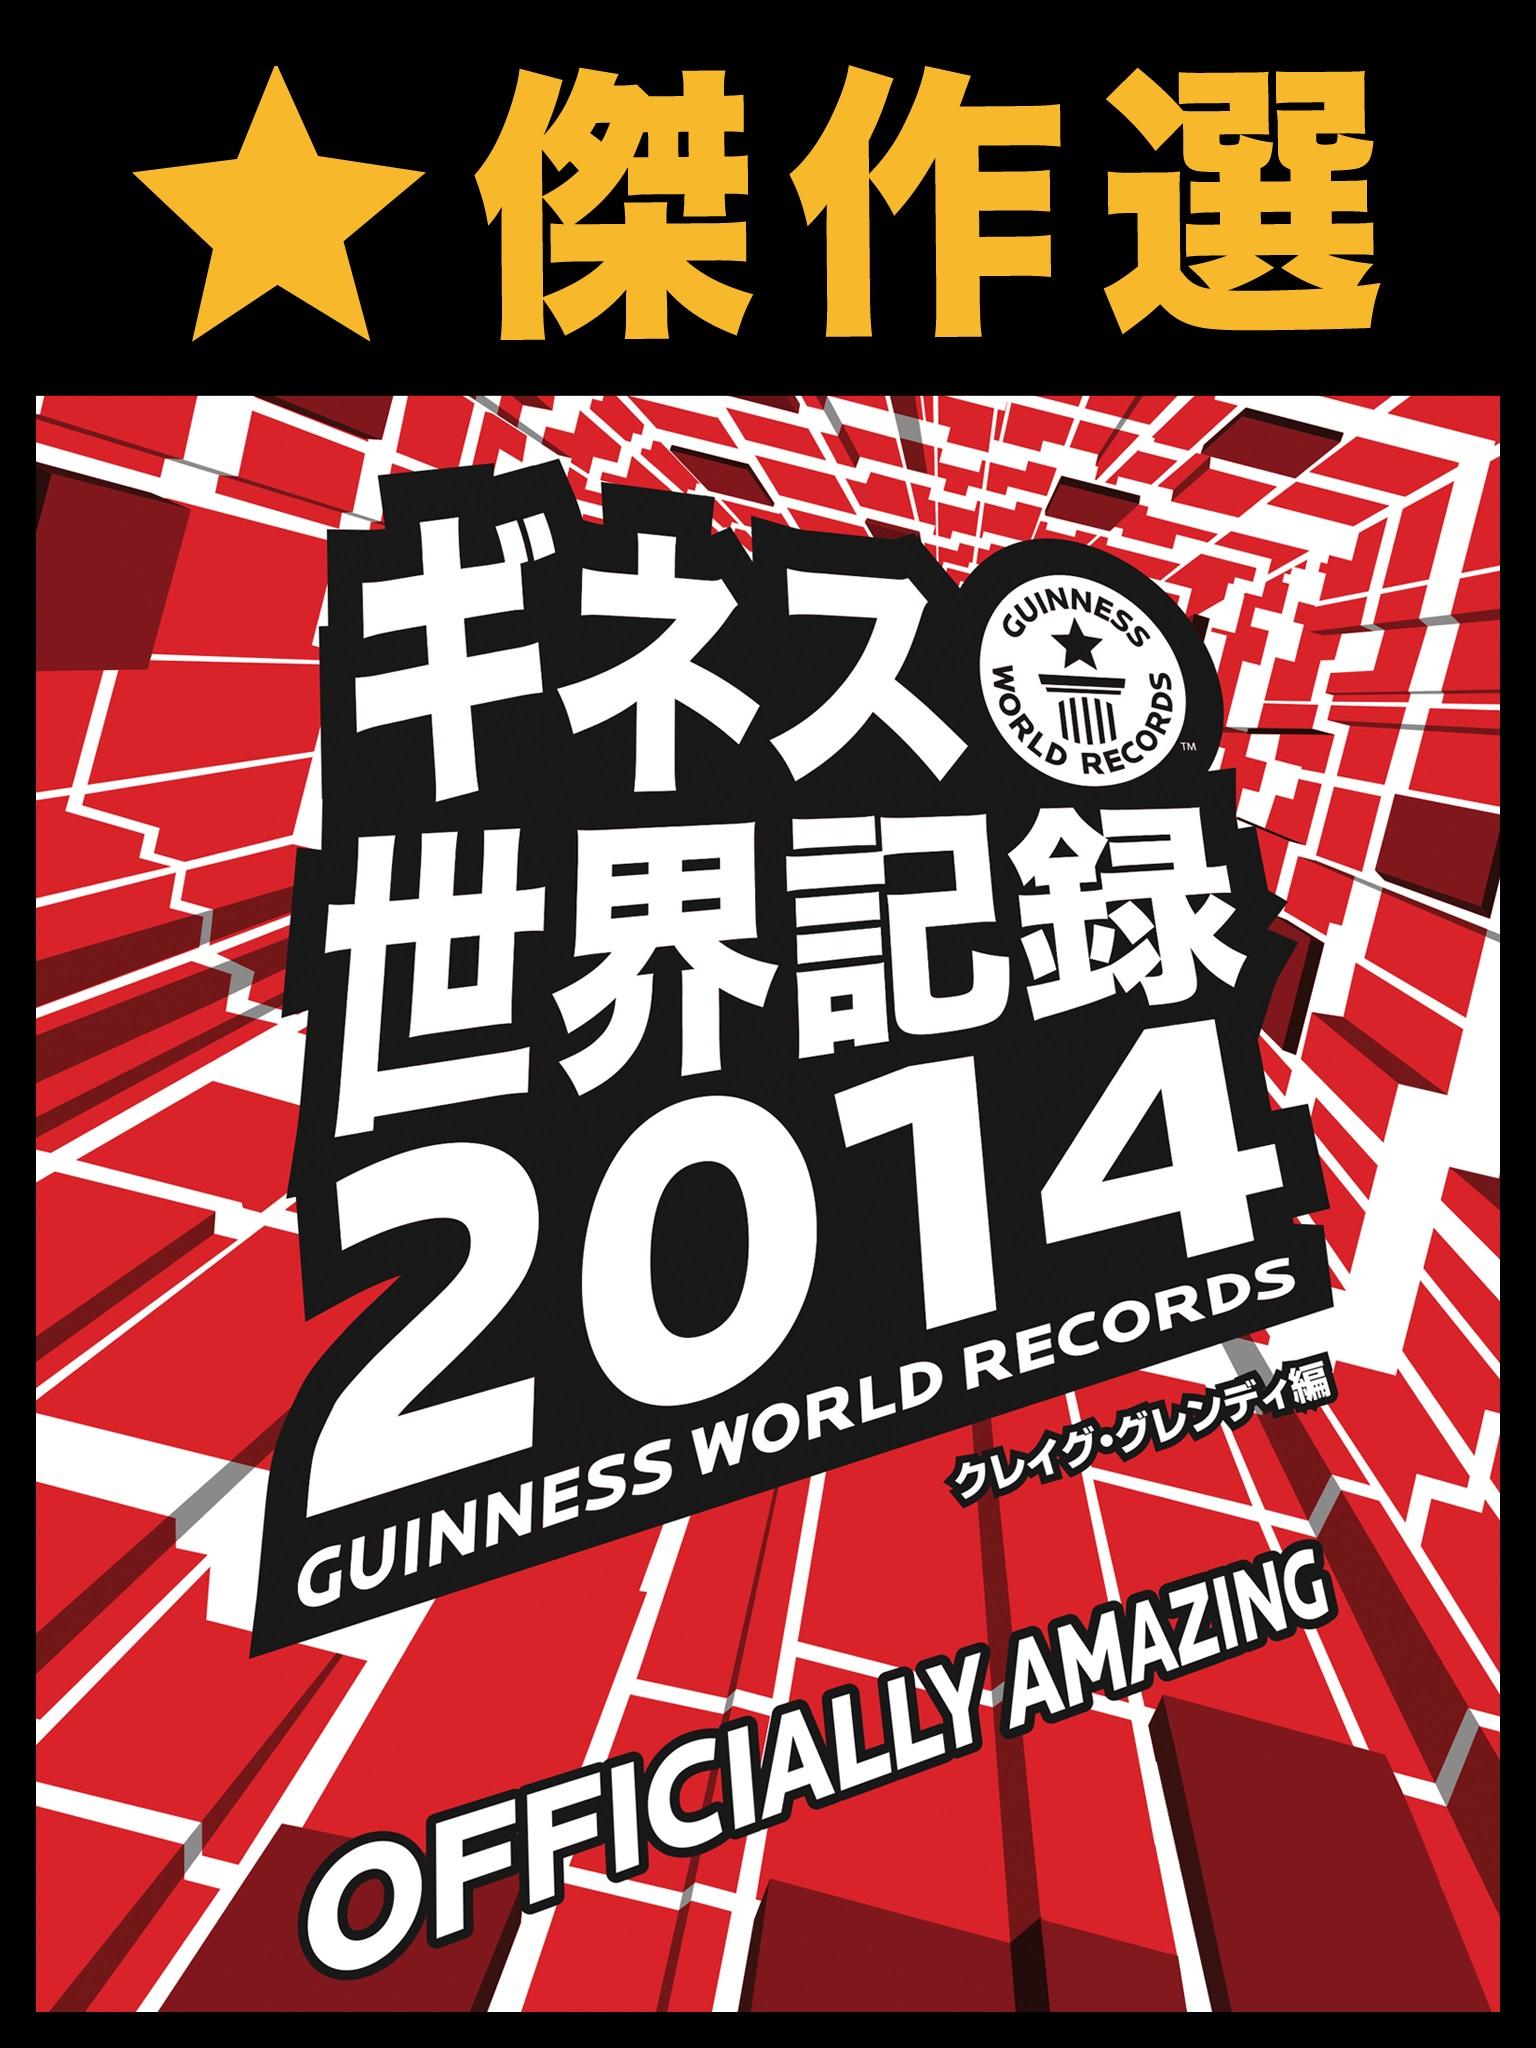 傑作選 ギネス世界記録2014 ~ベストセレクション版~【楽天田中投手掲載!】